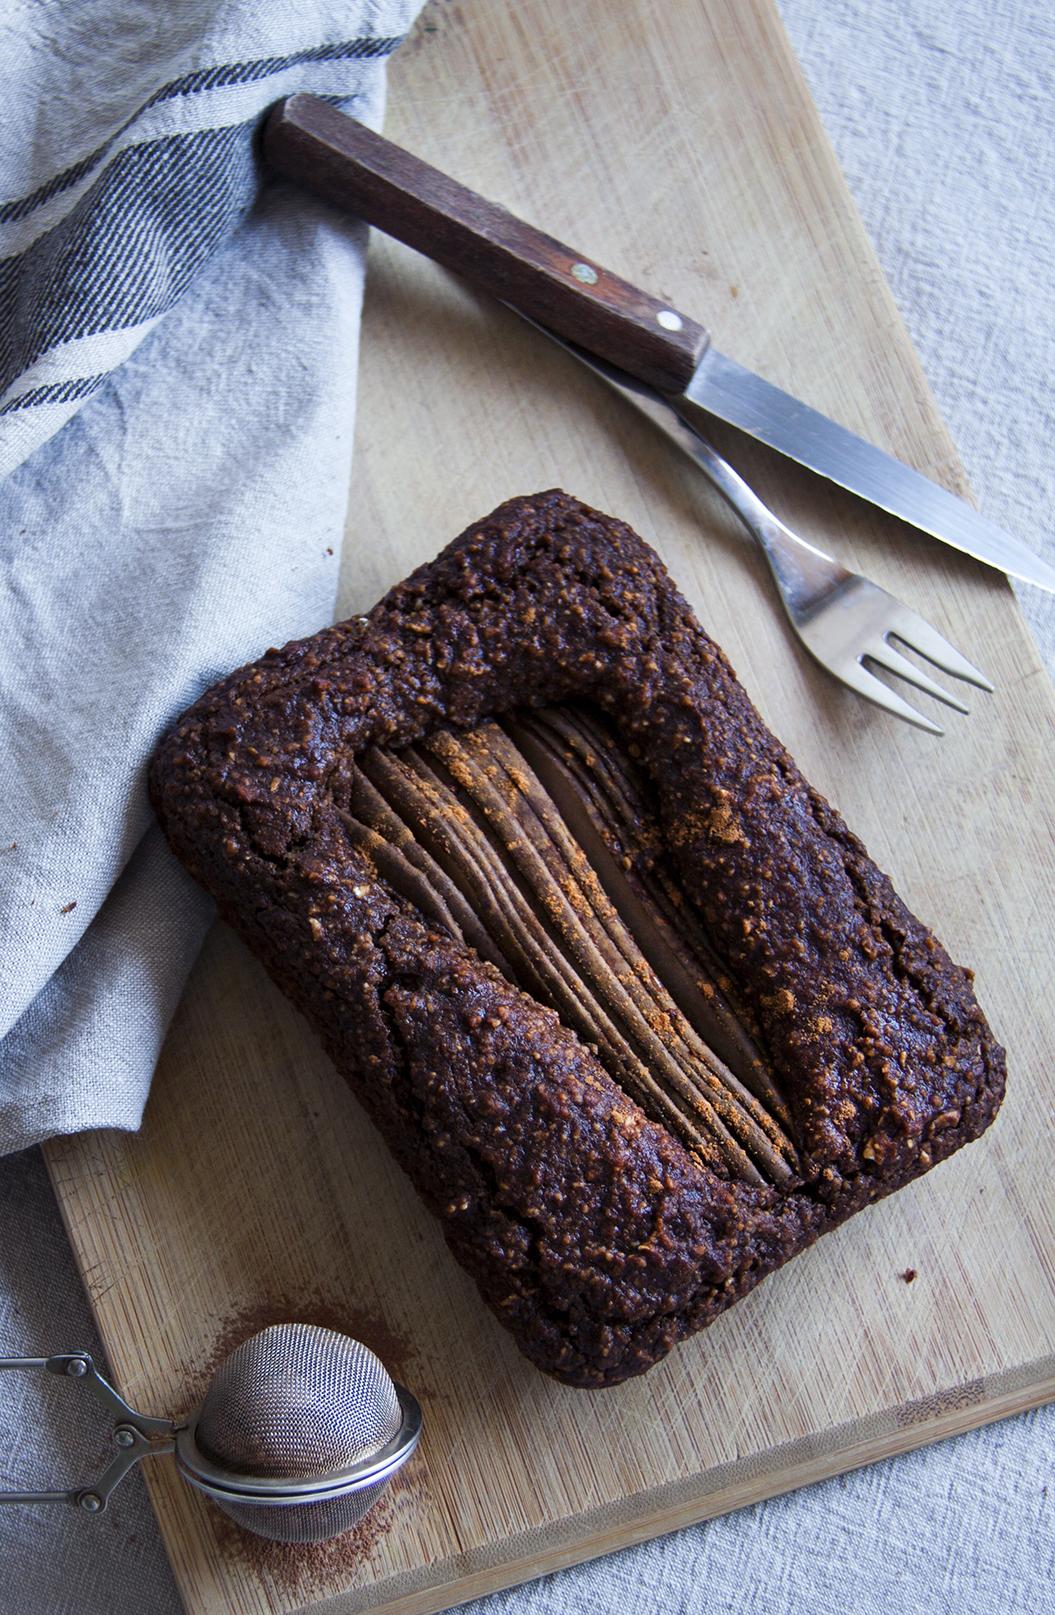 mokka-perencake-vegan-whole-foods-olievrij-natuurlijk-gezoet-02.jpg